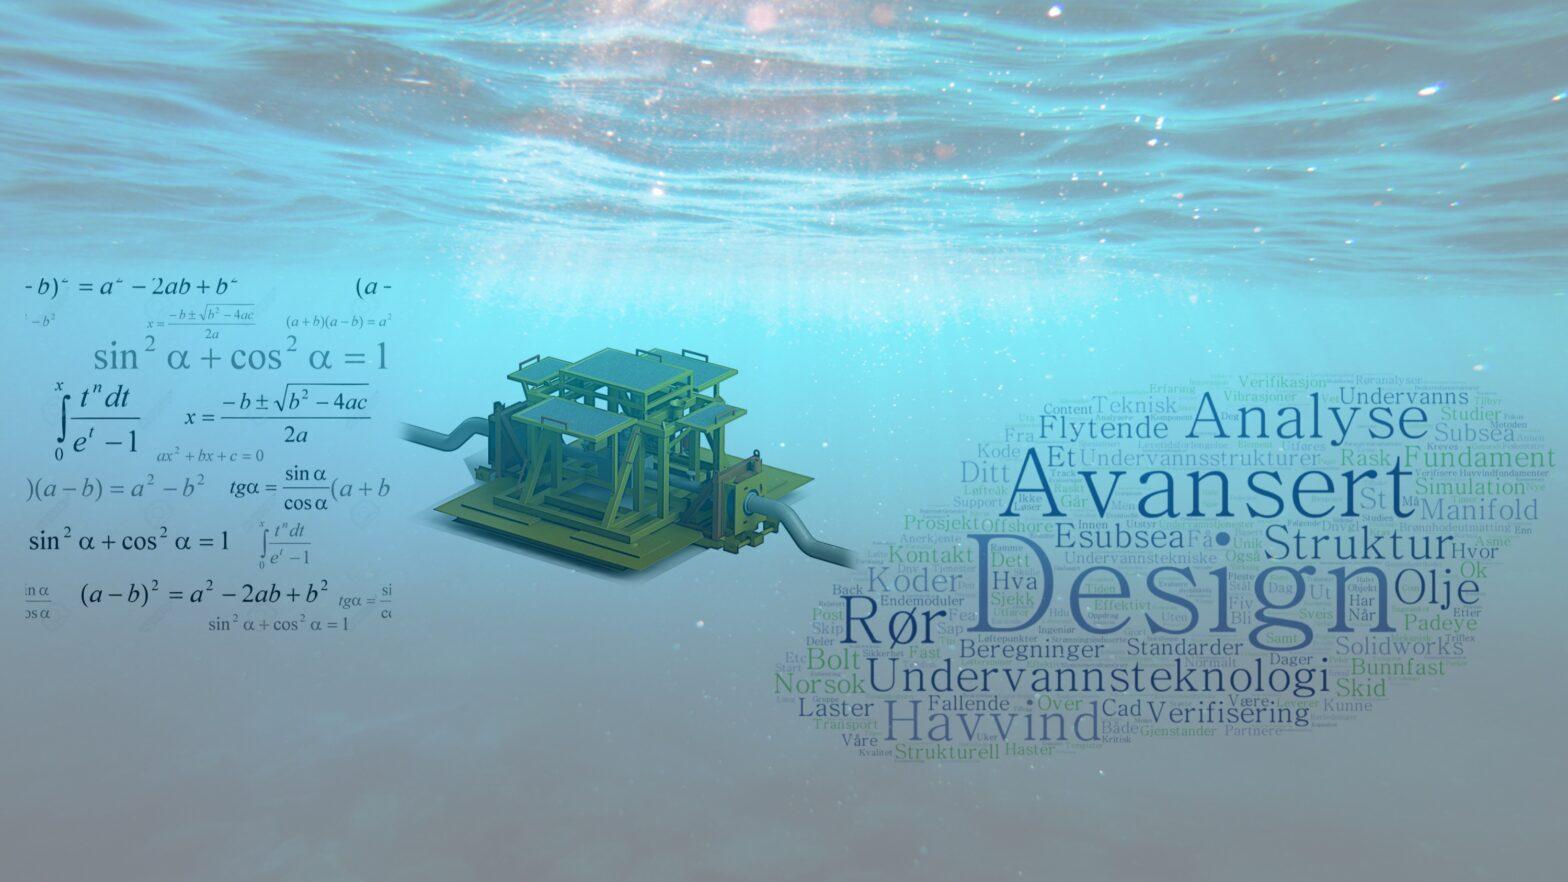 Lagring av Hydrogen og Ammoniakk under Vann